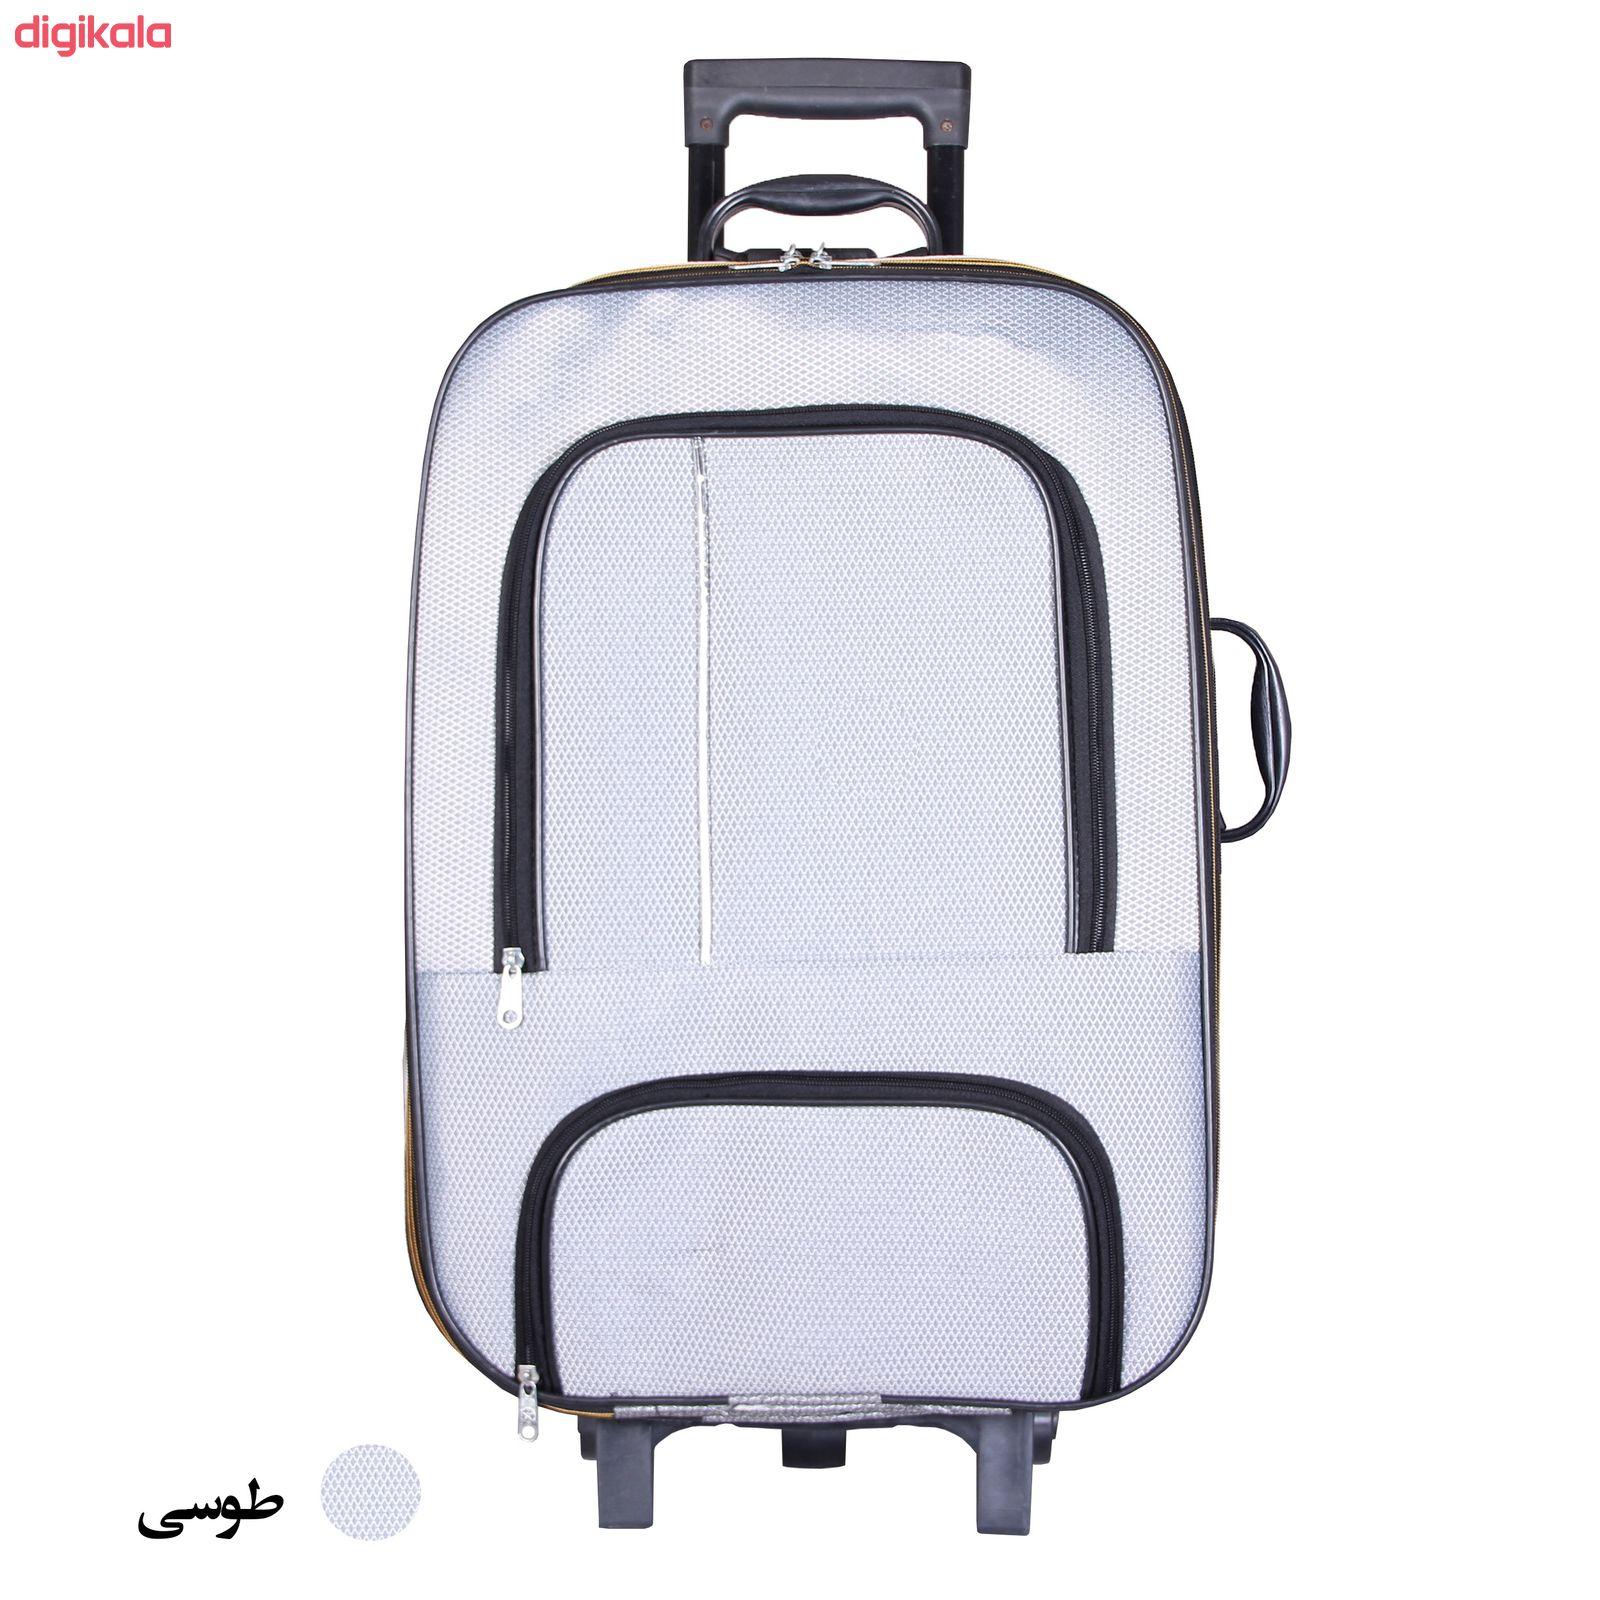 مجموعه دو عددی چمدان پرواز مدل M01000 main 1 3